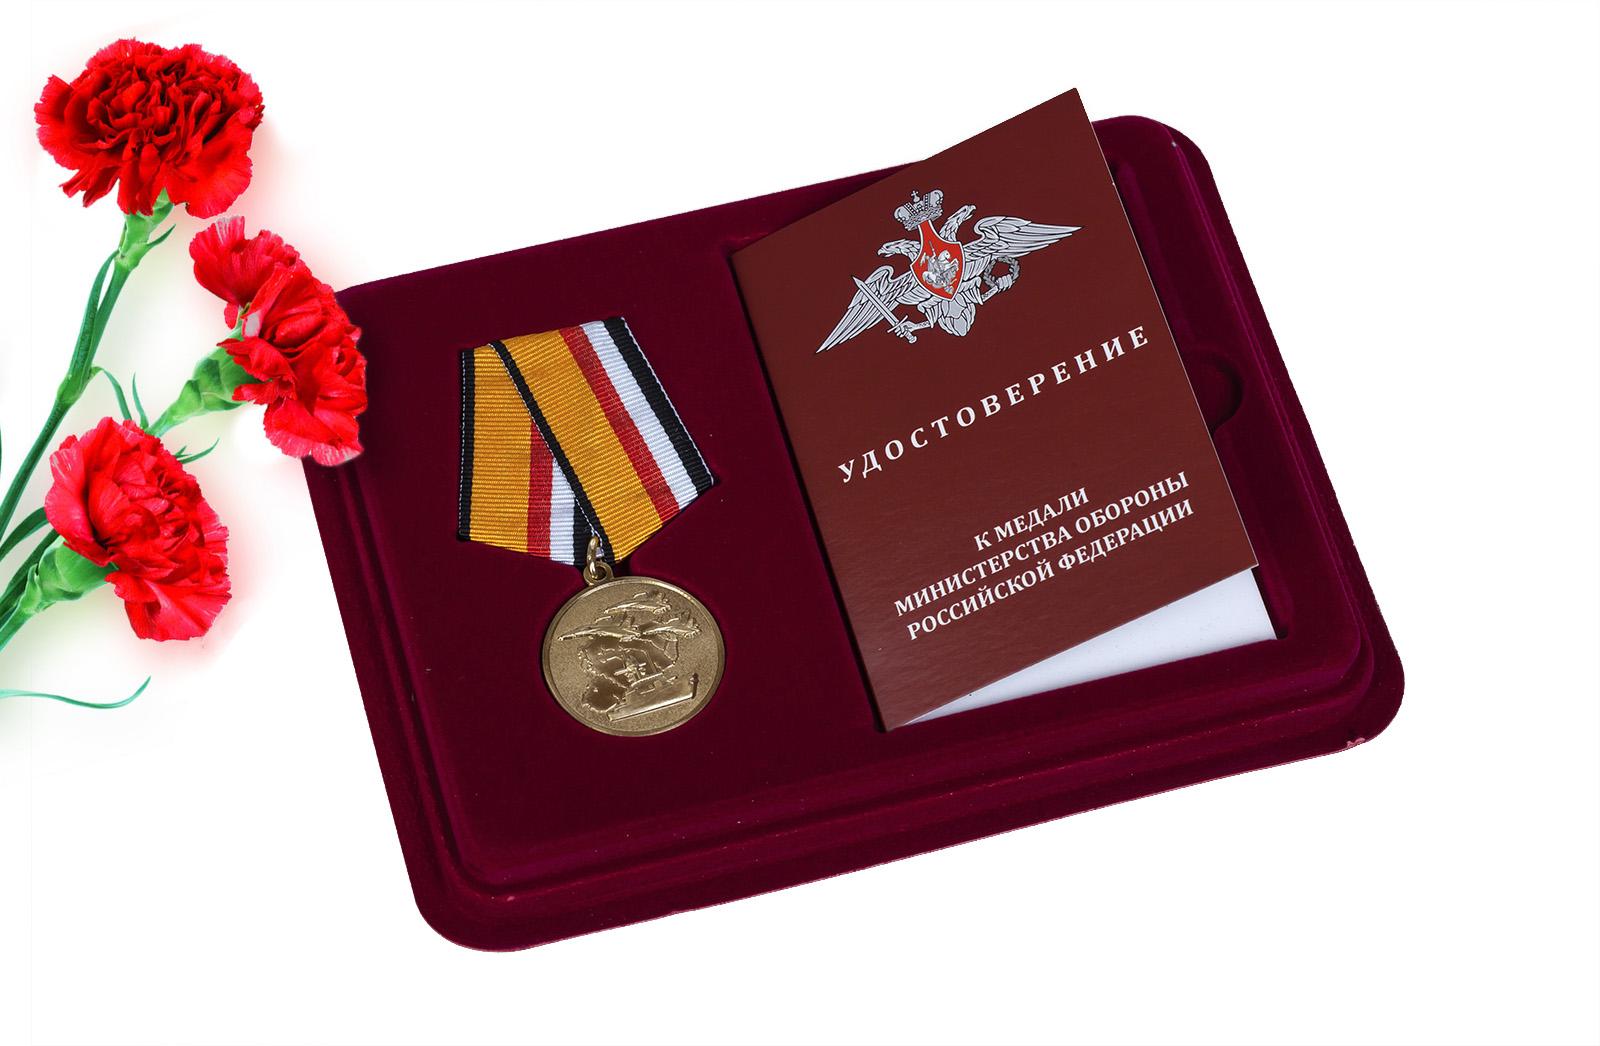 Купить медаль МО РФ Участнику военной операции в Сирии с доставкой